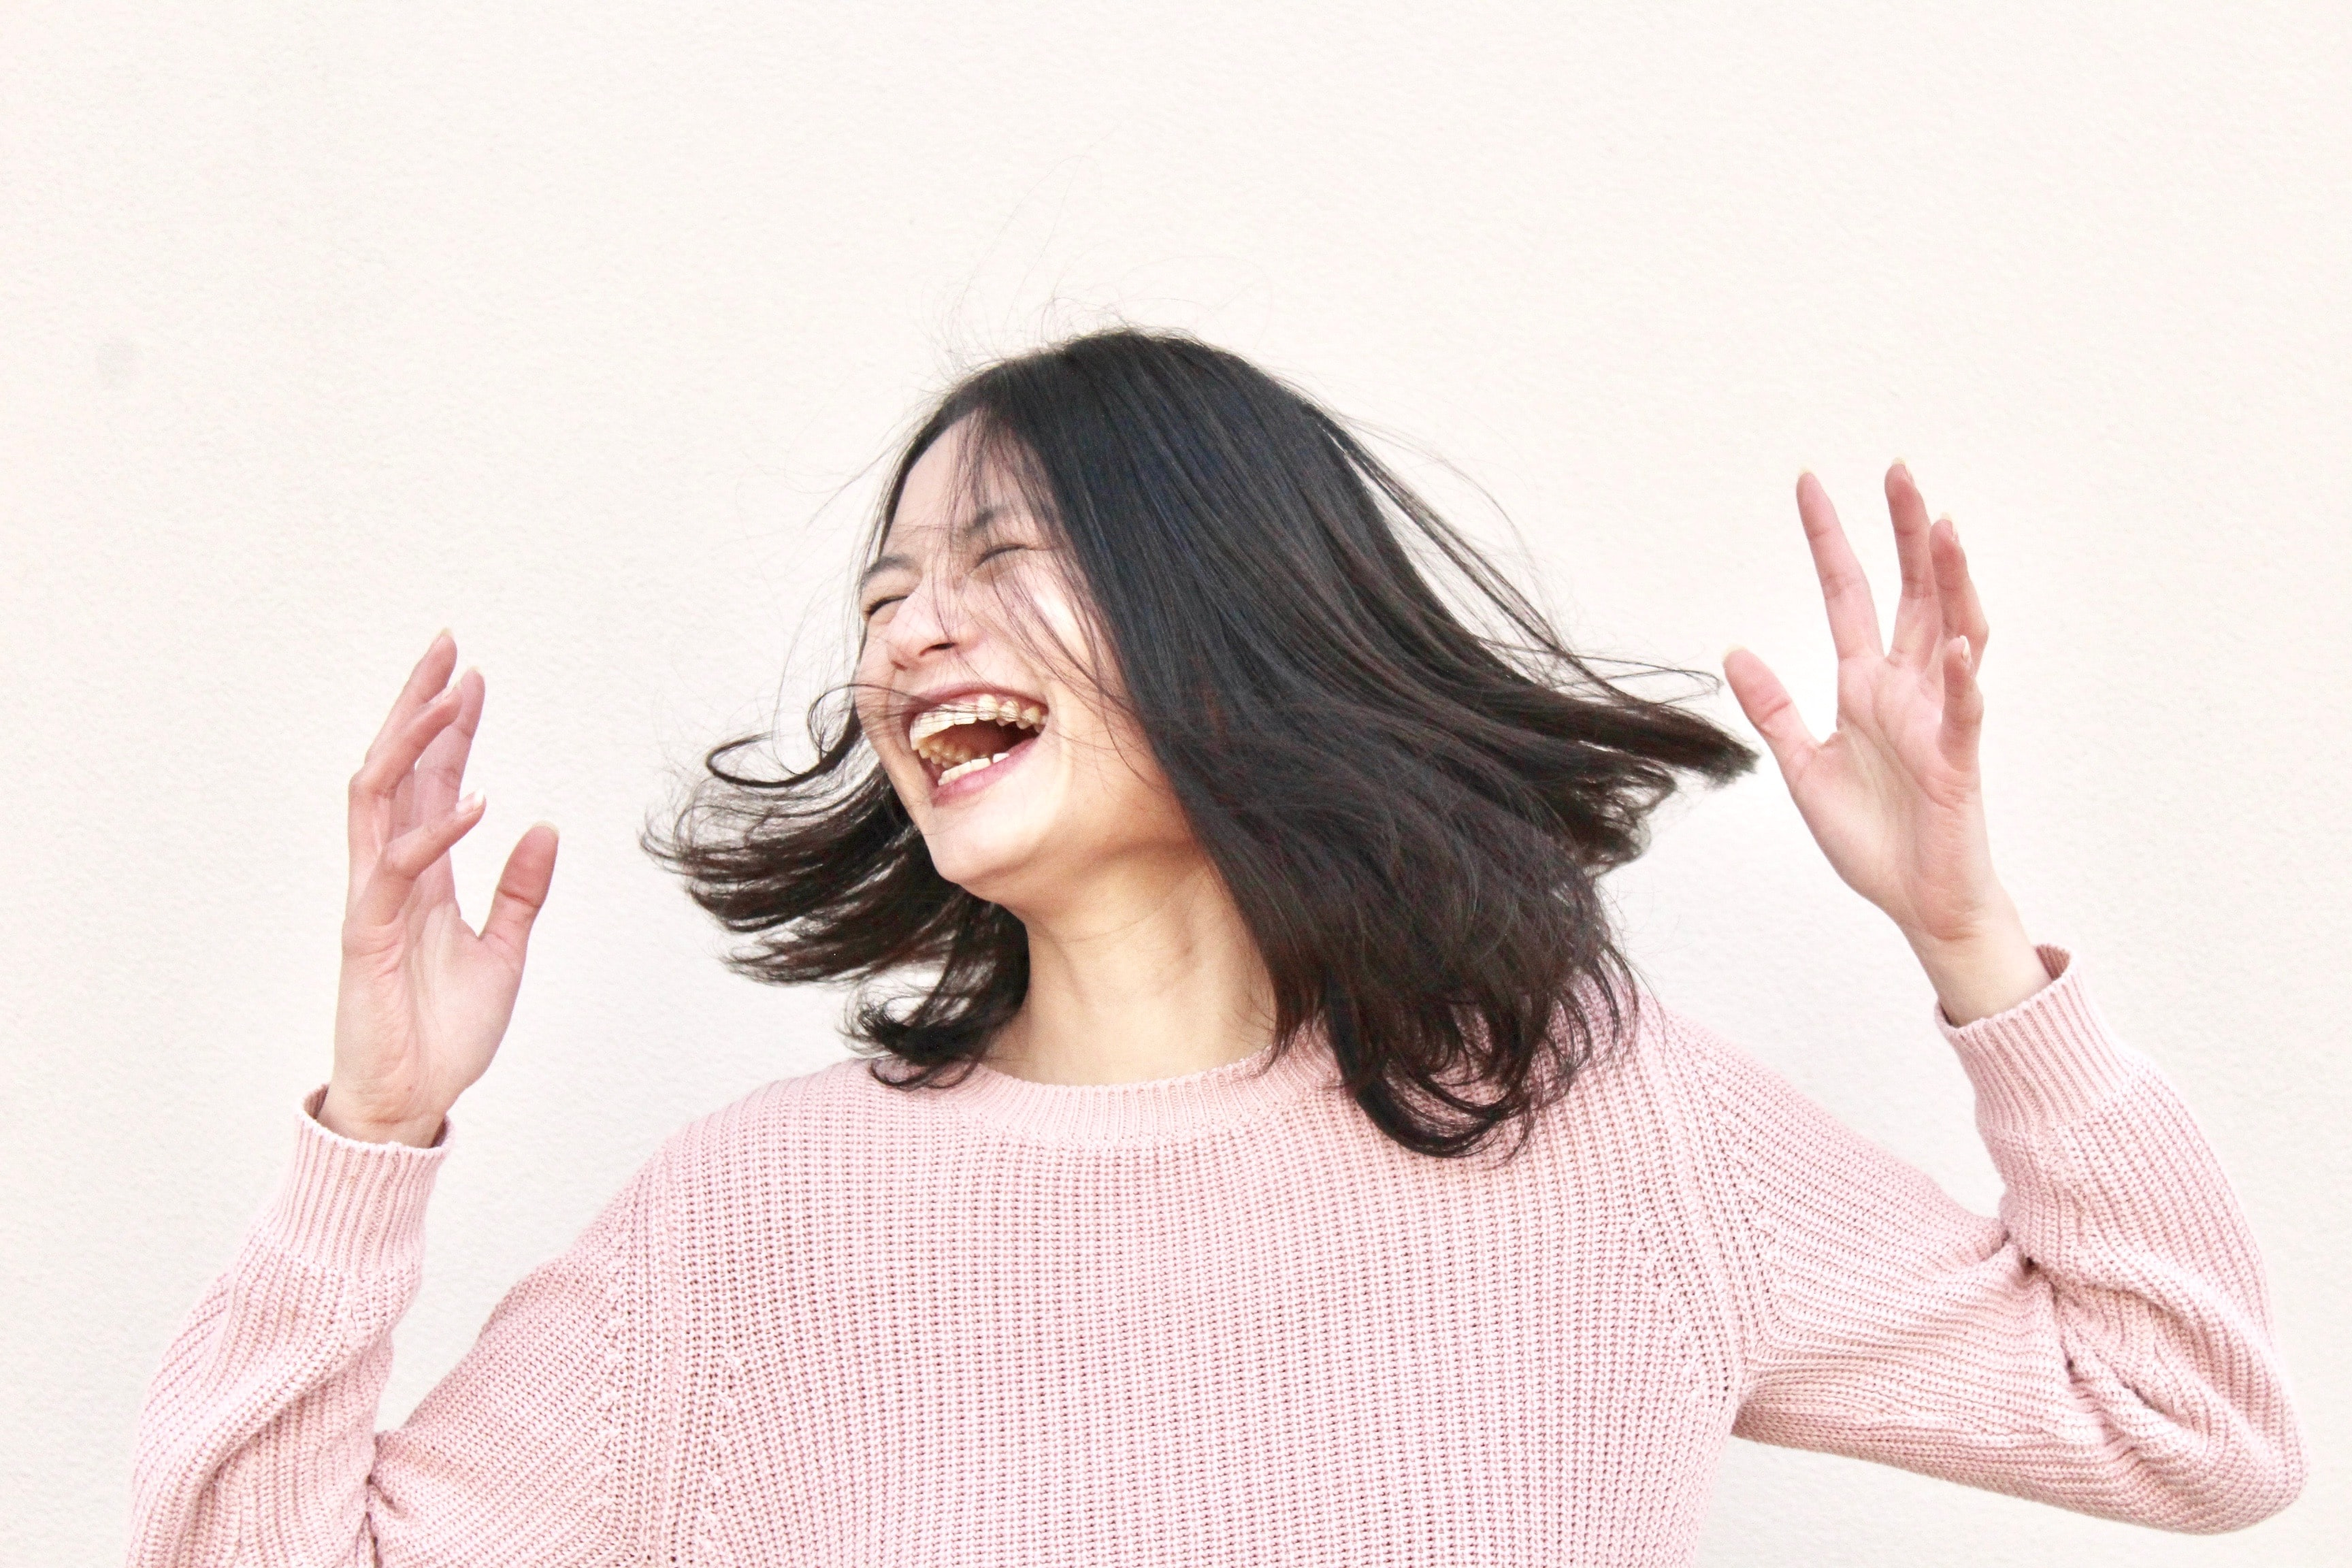 mujer muy contenta y riendo